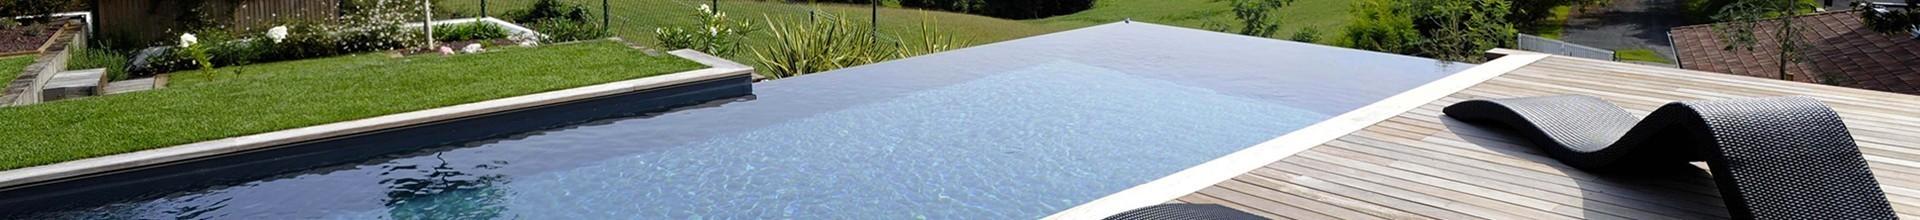 ✅ Rhône Alpes Kit piscine béton Ain. Fabricant piscine révolutionnaire